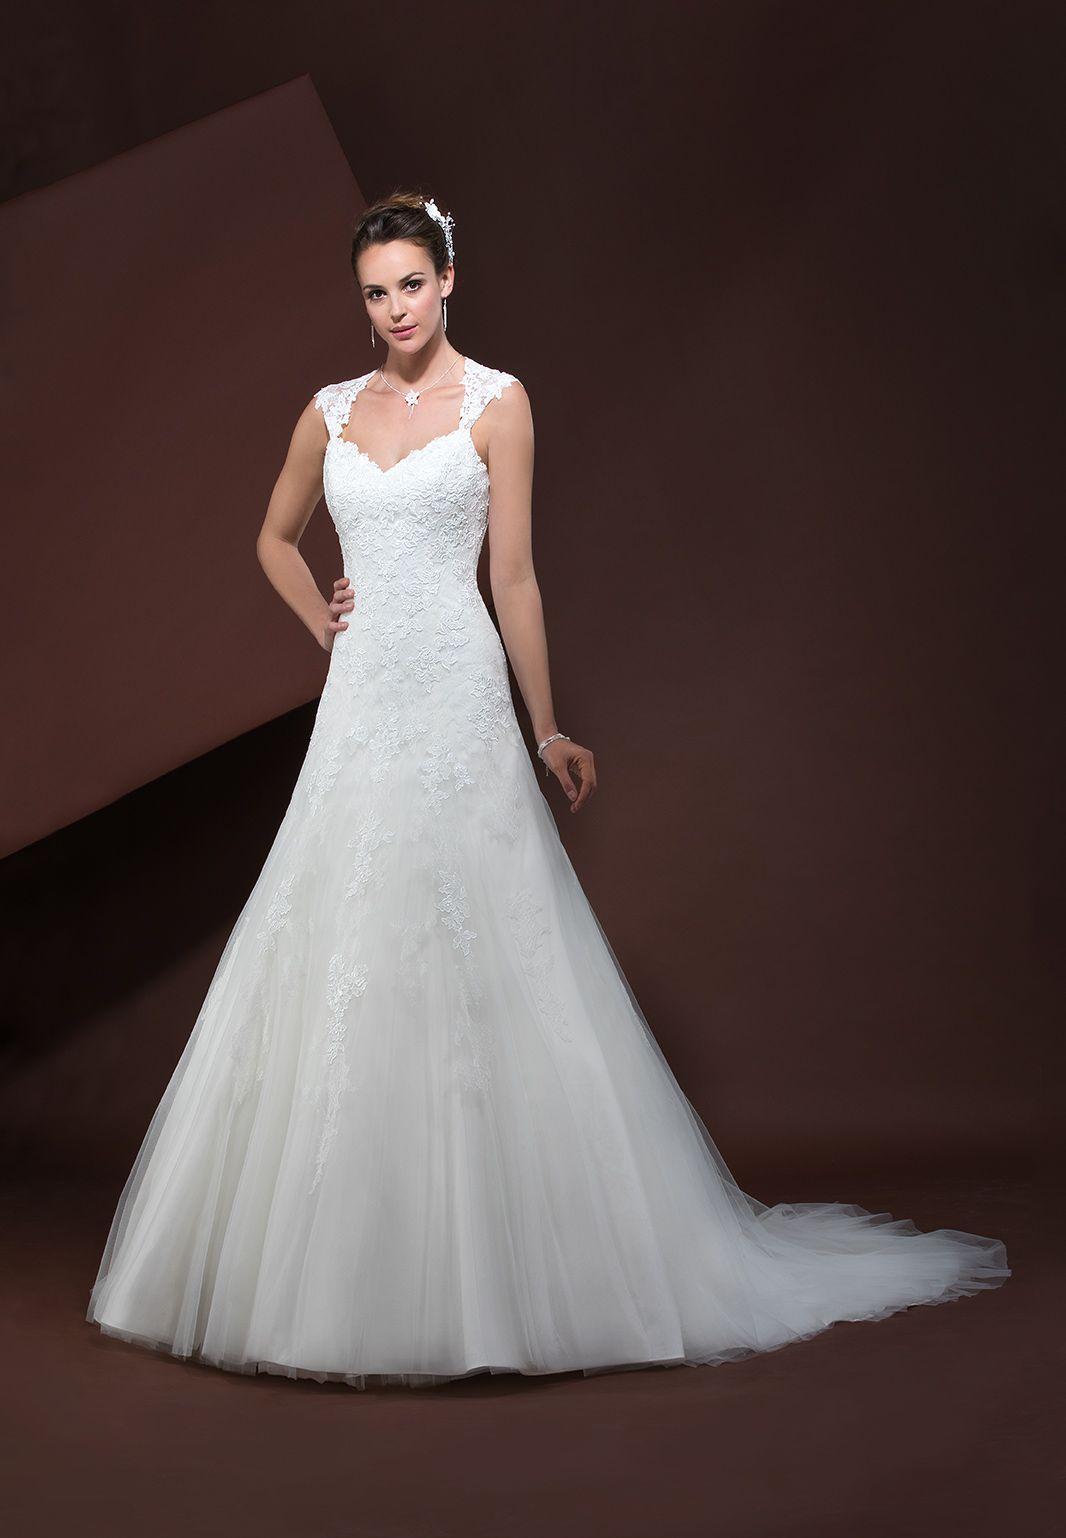 bea017863da04 Robe de mariée en dentelle et tulle forme princesse avec décolleté cœur. De  larges bretelles